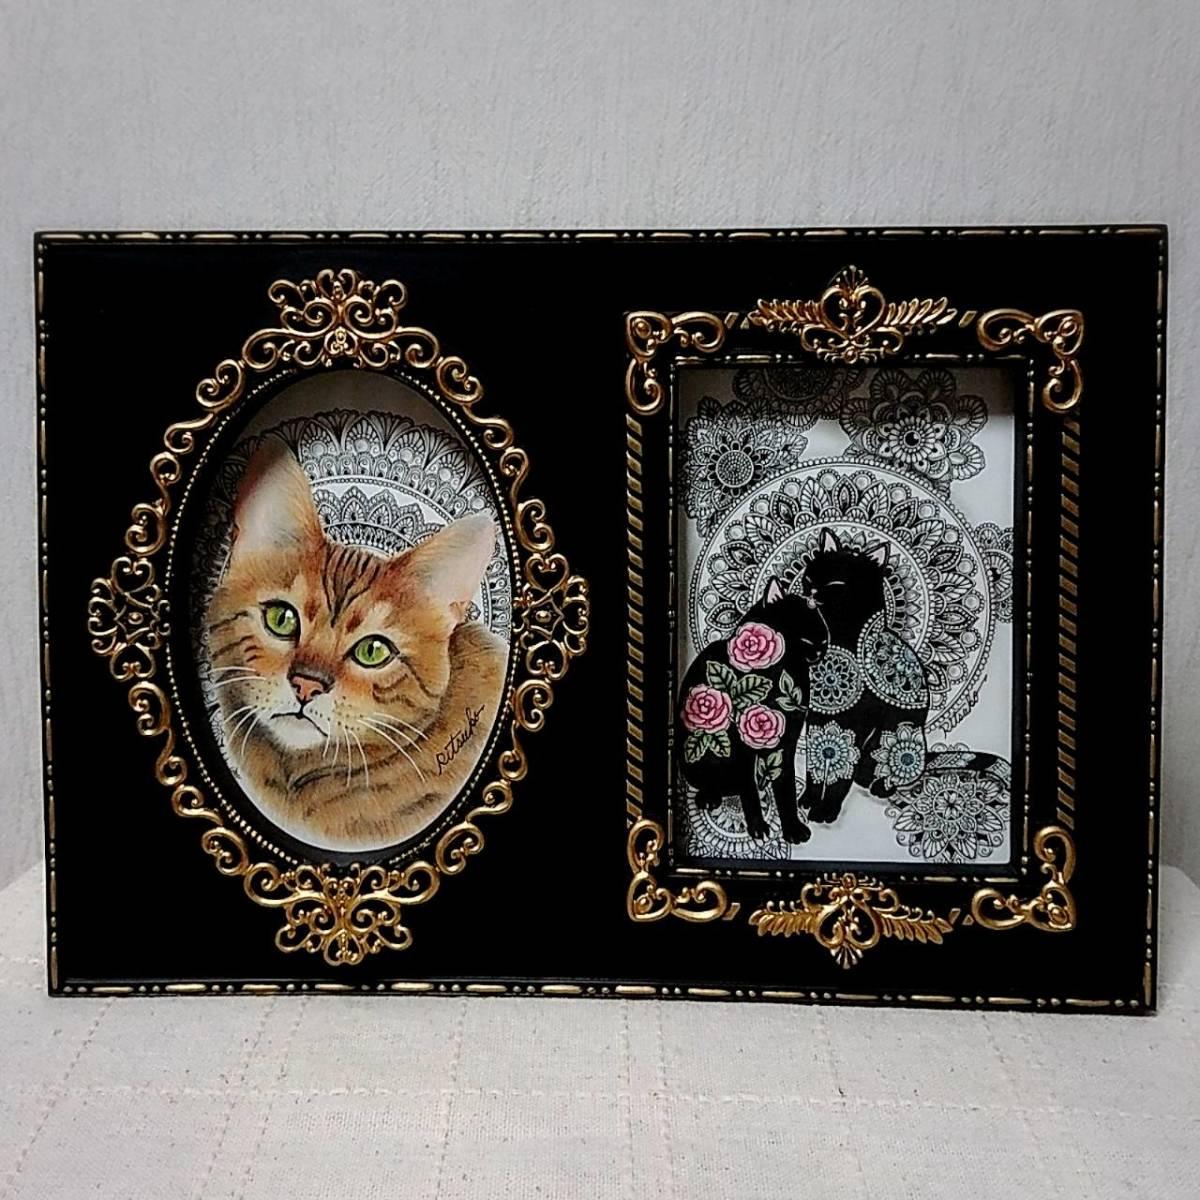 必見 最新作 原画 肉筆 一点もの ボールペンアート 額装付き 百貨店作家 人気 ボールペン画 絵画 猫 ねこ ネコ 仔猫 子猫 猫の絵